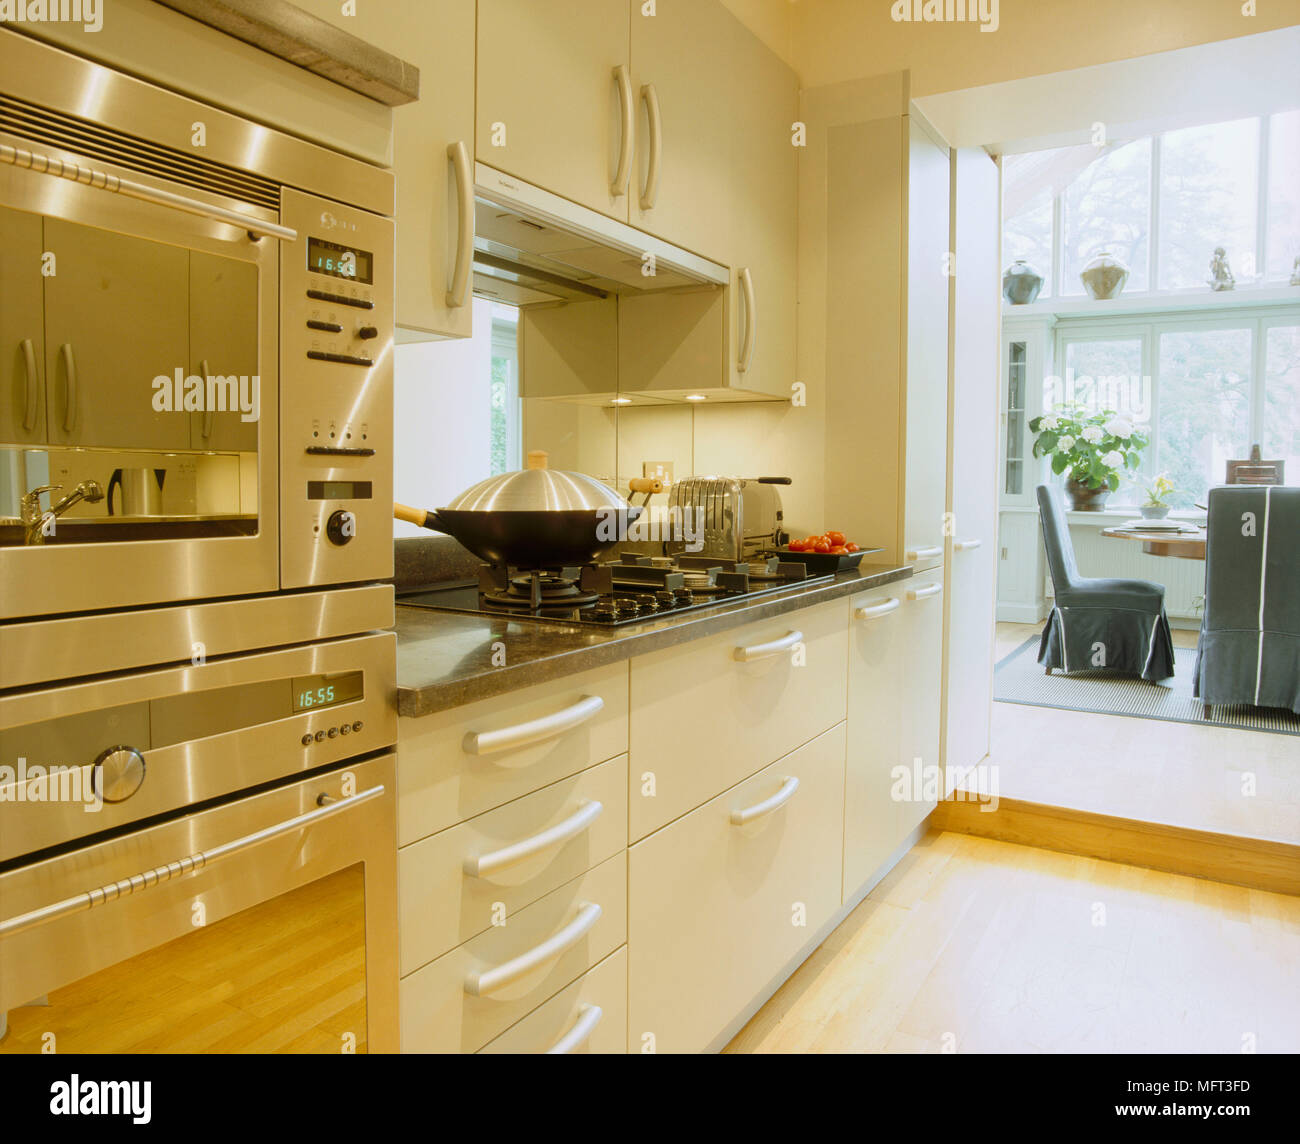 Fesselnd Küche Blick Ins Esszimmer Creme Schränke Kochplatte Wok Tisch Und Stühlen  Innenräume Zimmer Die Küchen Moderne Edelstahl Holzboden Windows Toa